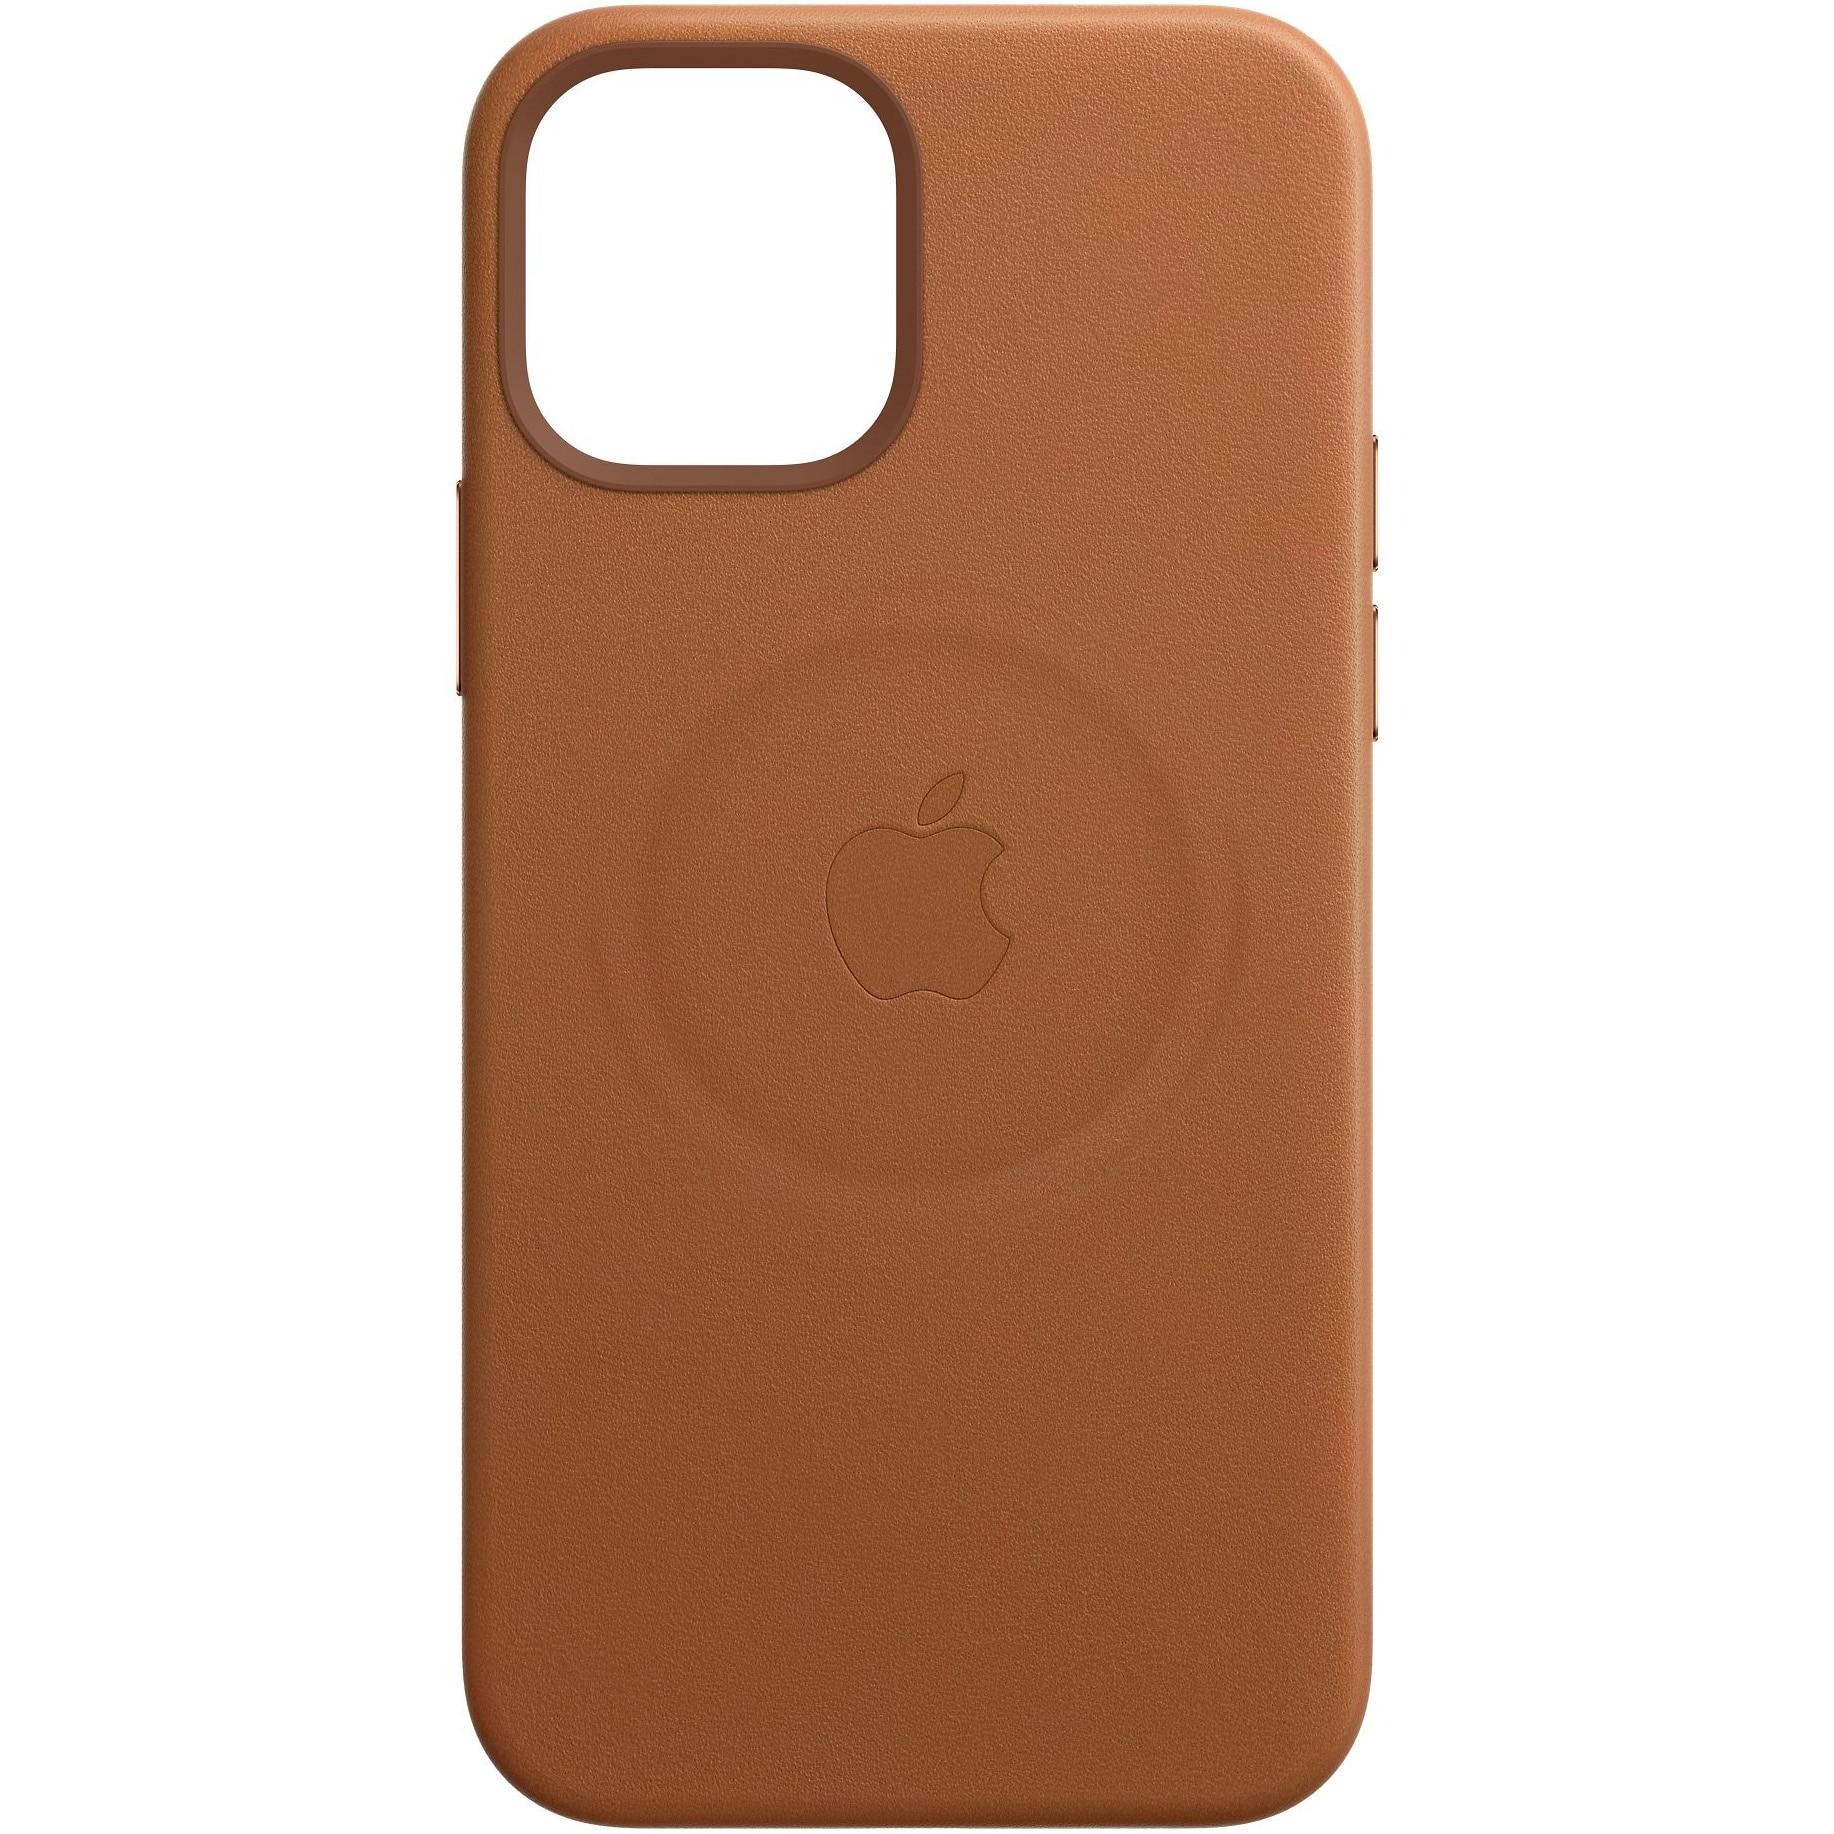 Fotografie Husa de protectie Apple Leather Case MagSafe pentru iPhone 12 mini, Saddle Brown